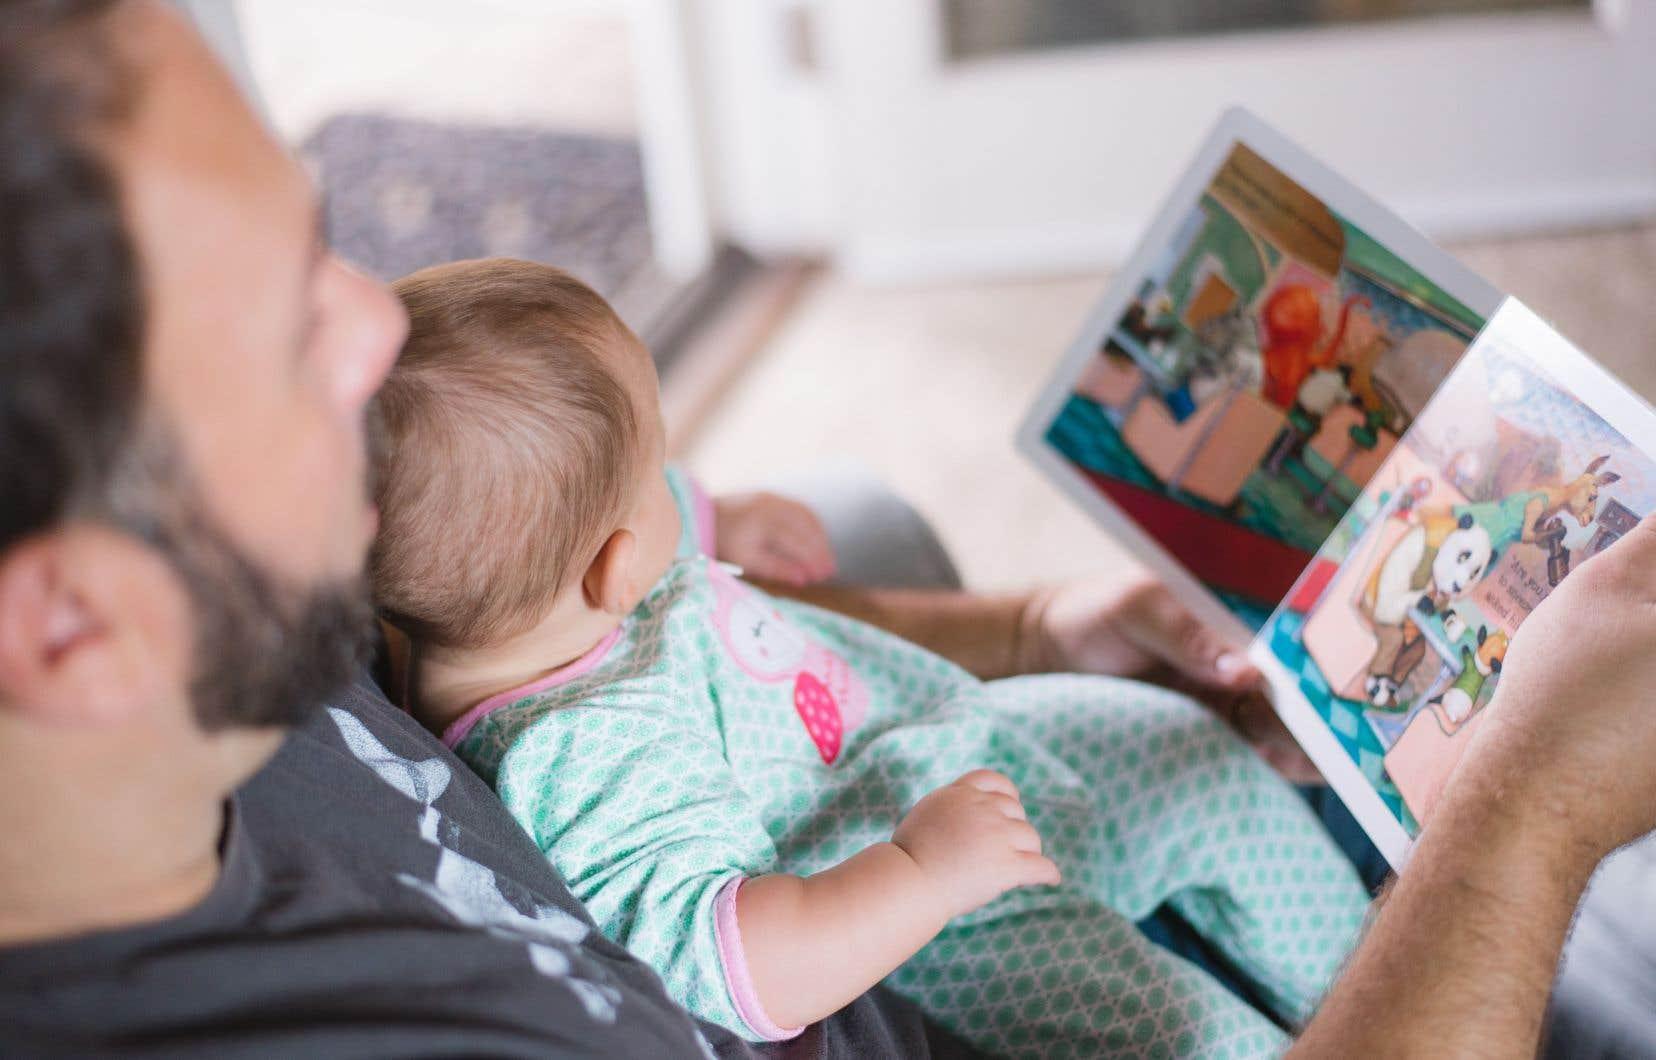 Un parent a souvent besoin de ne pas se sentir jugé pour ensuite pouvoir mieux accompagner son enfant, selon Judith Poirier, responsable du développement des pratiques en littératie à la FQOCF.